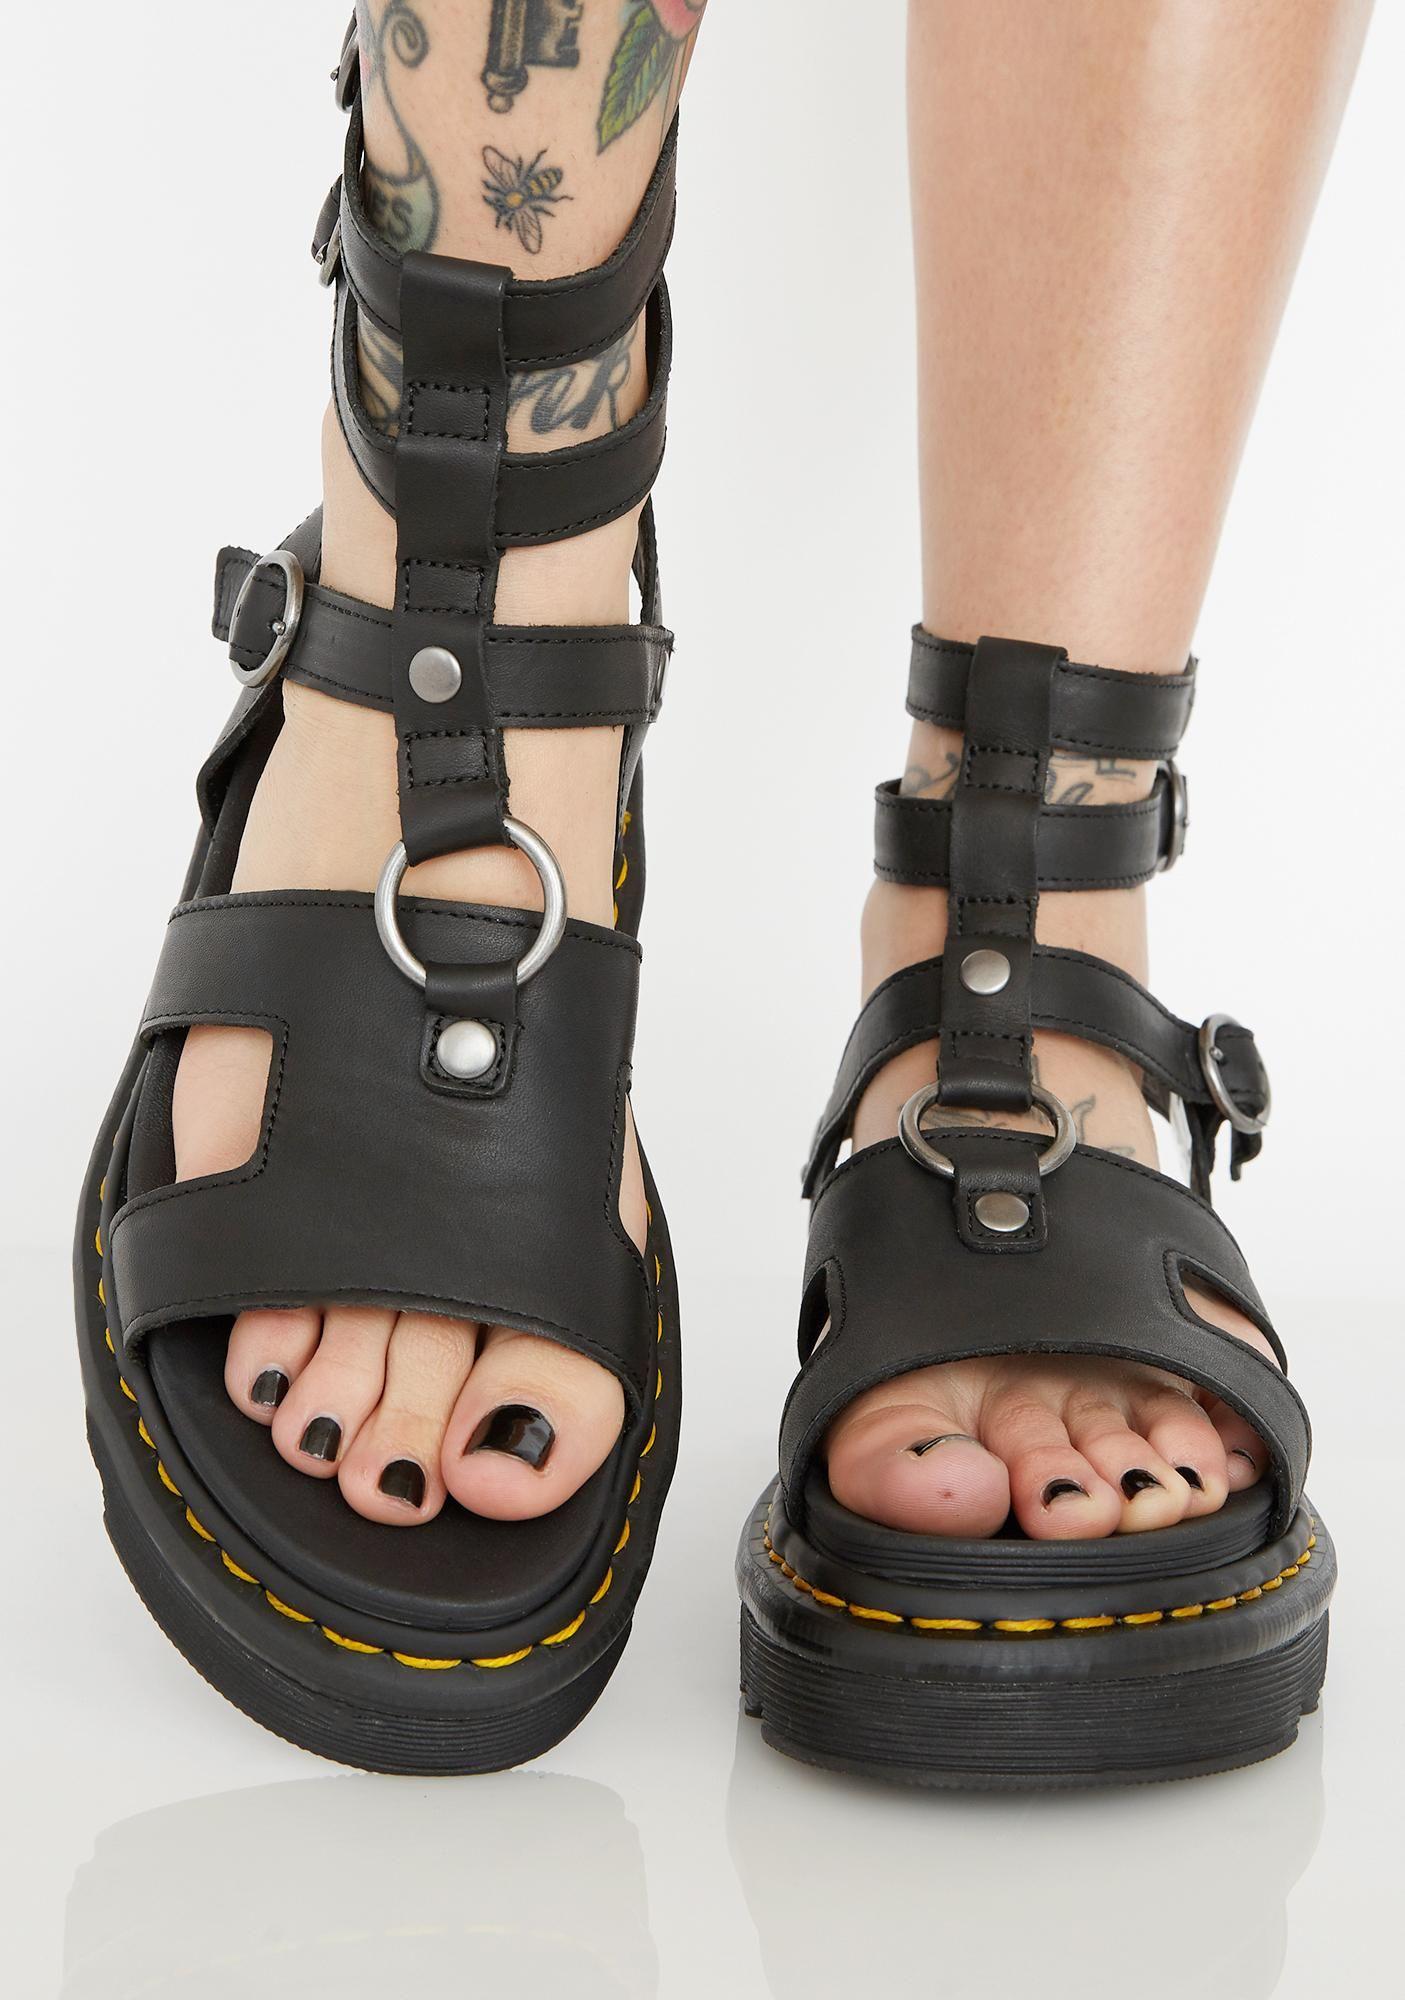 73c7e62388d2 Dr. Martens Adaira Temperley Sandals